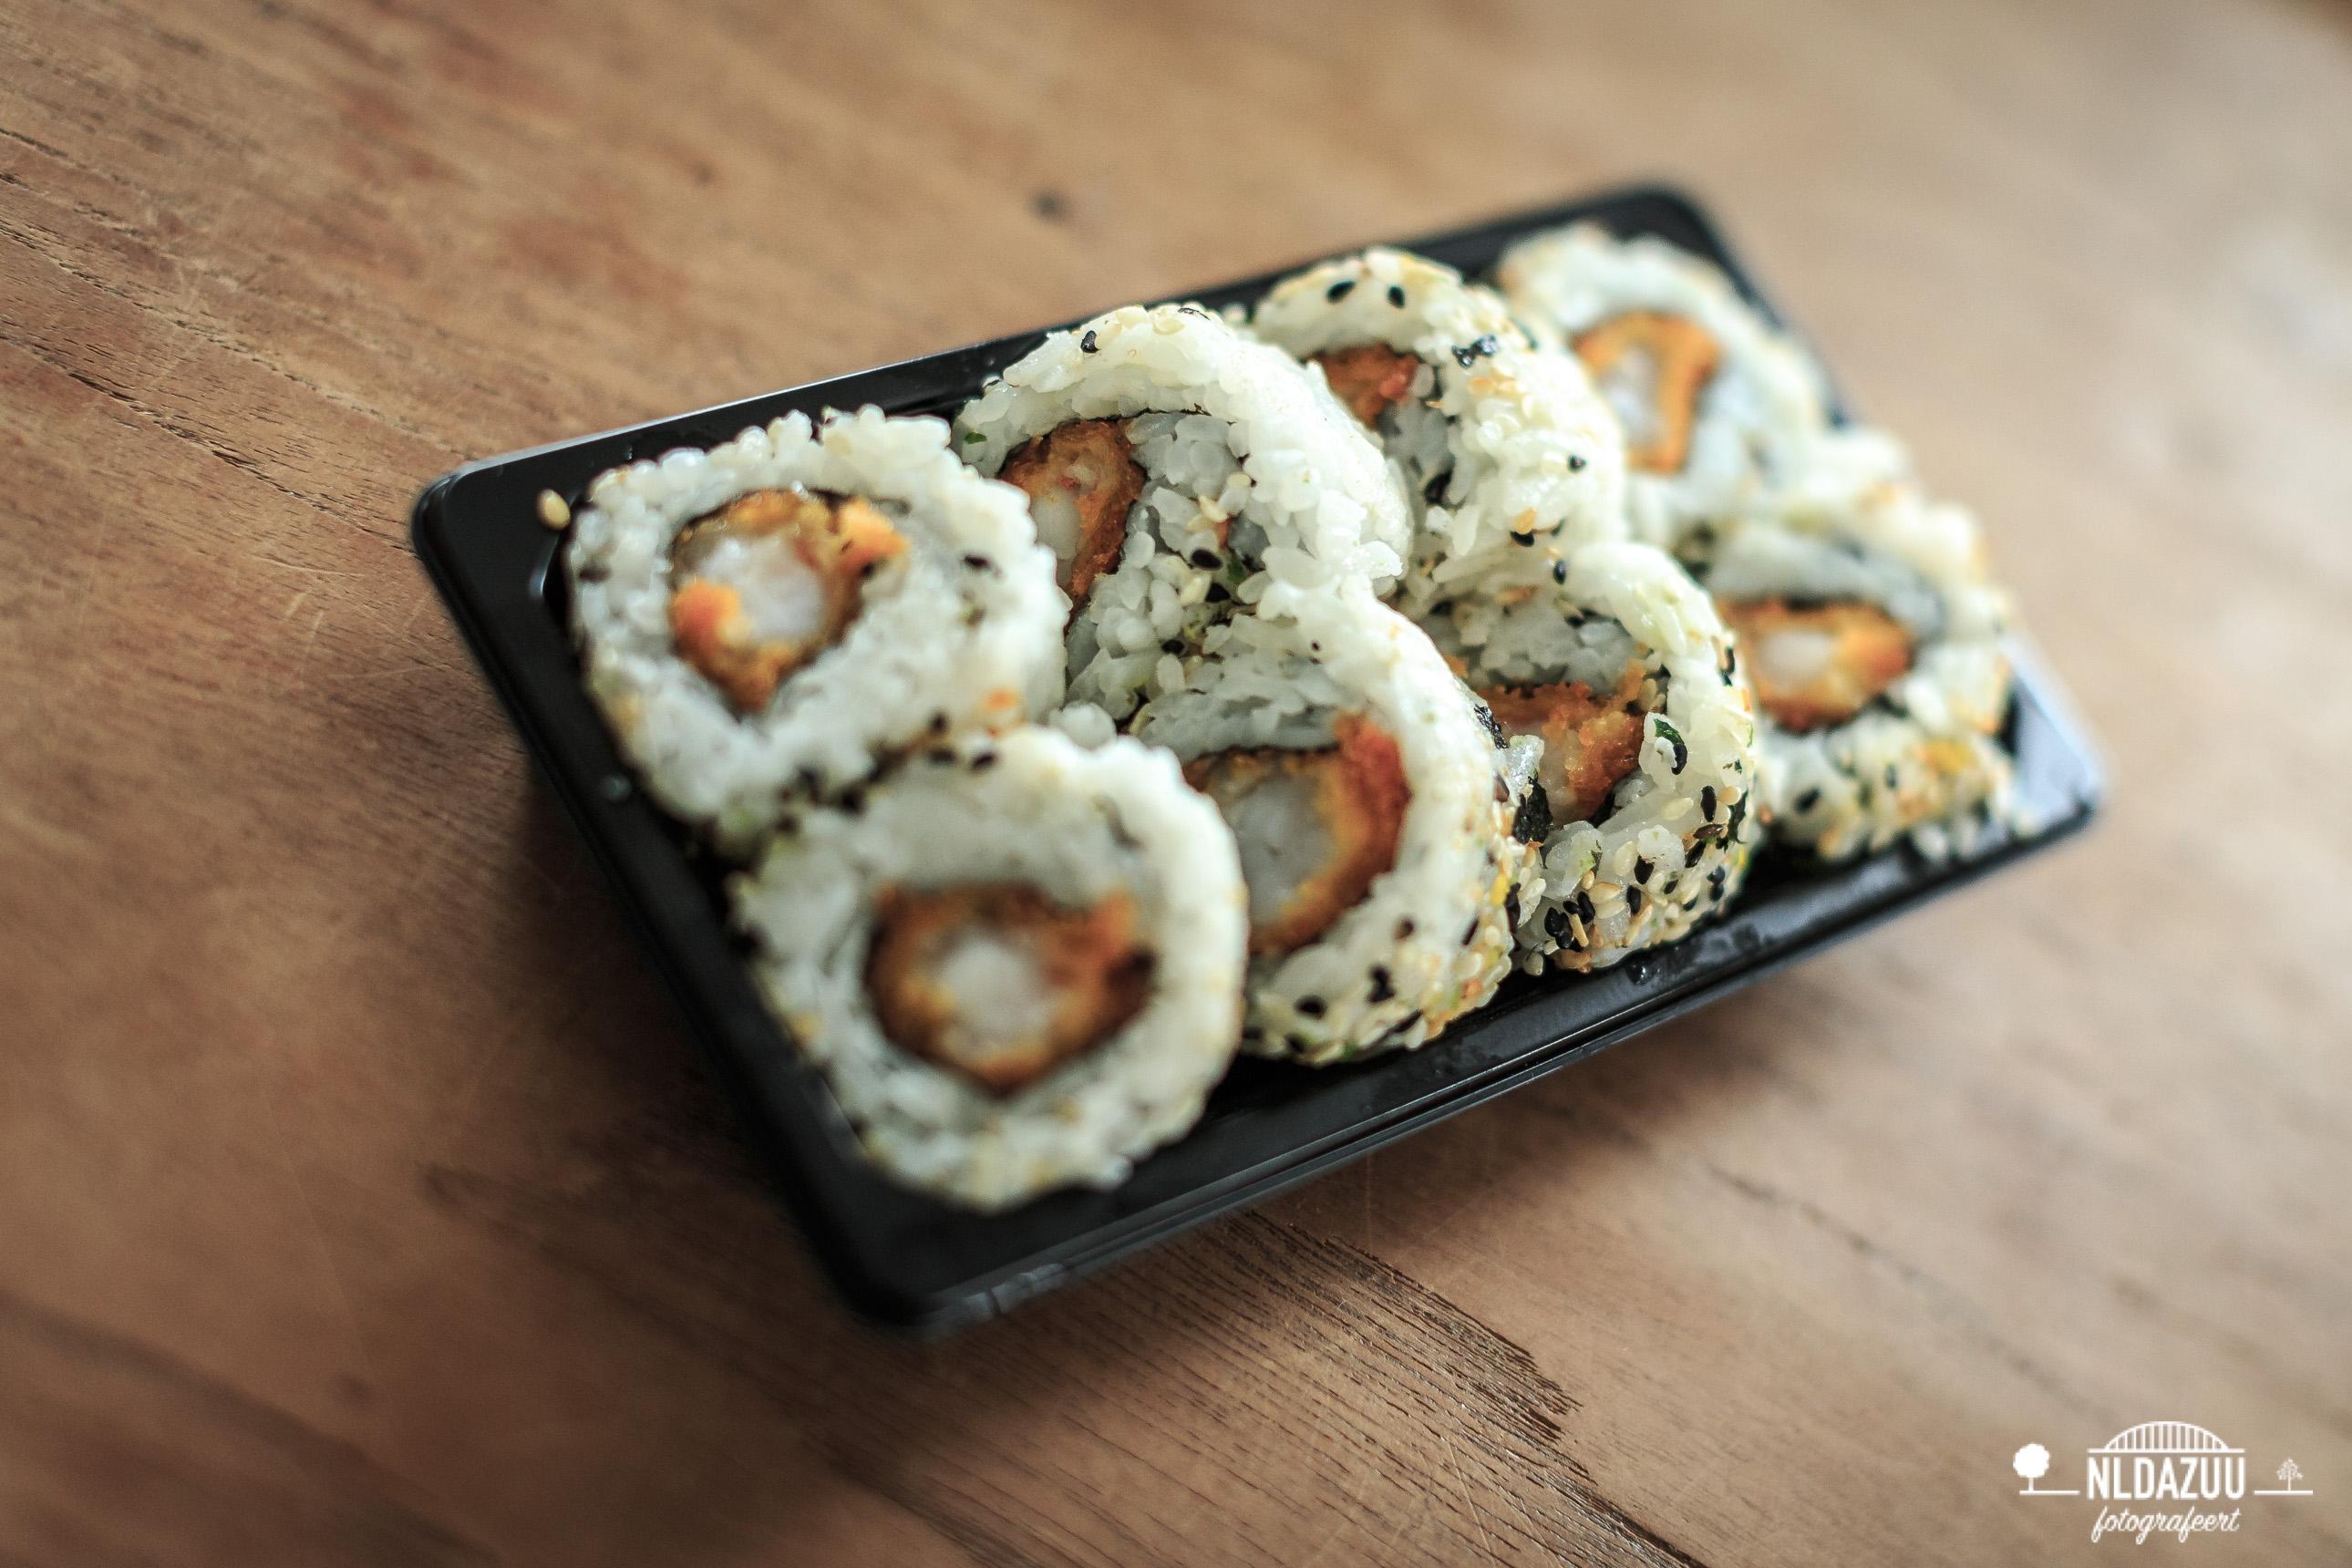 Dag 36 nldazuu 50 mm. challenge: Sushi